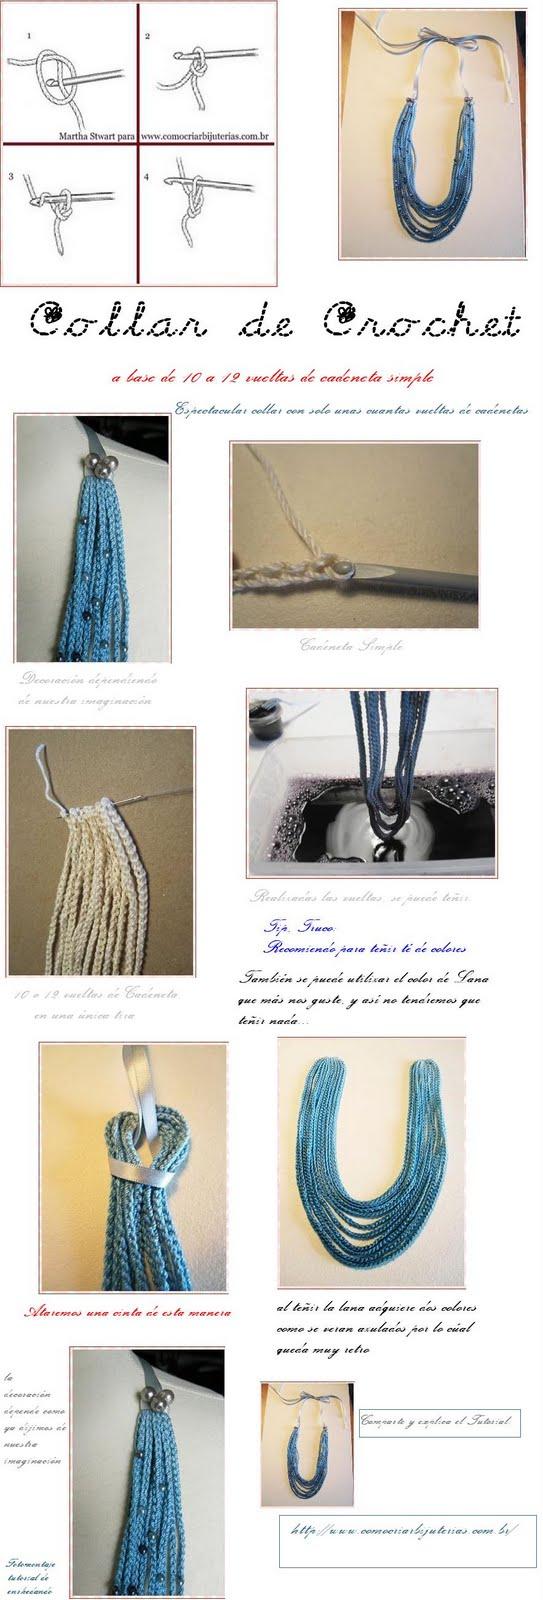 bisutería, tutoriales, cadenetas, crochet, collar, pulseras